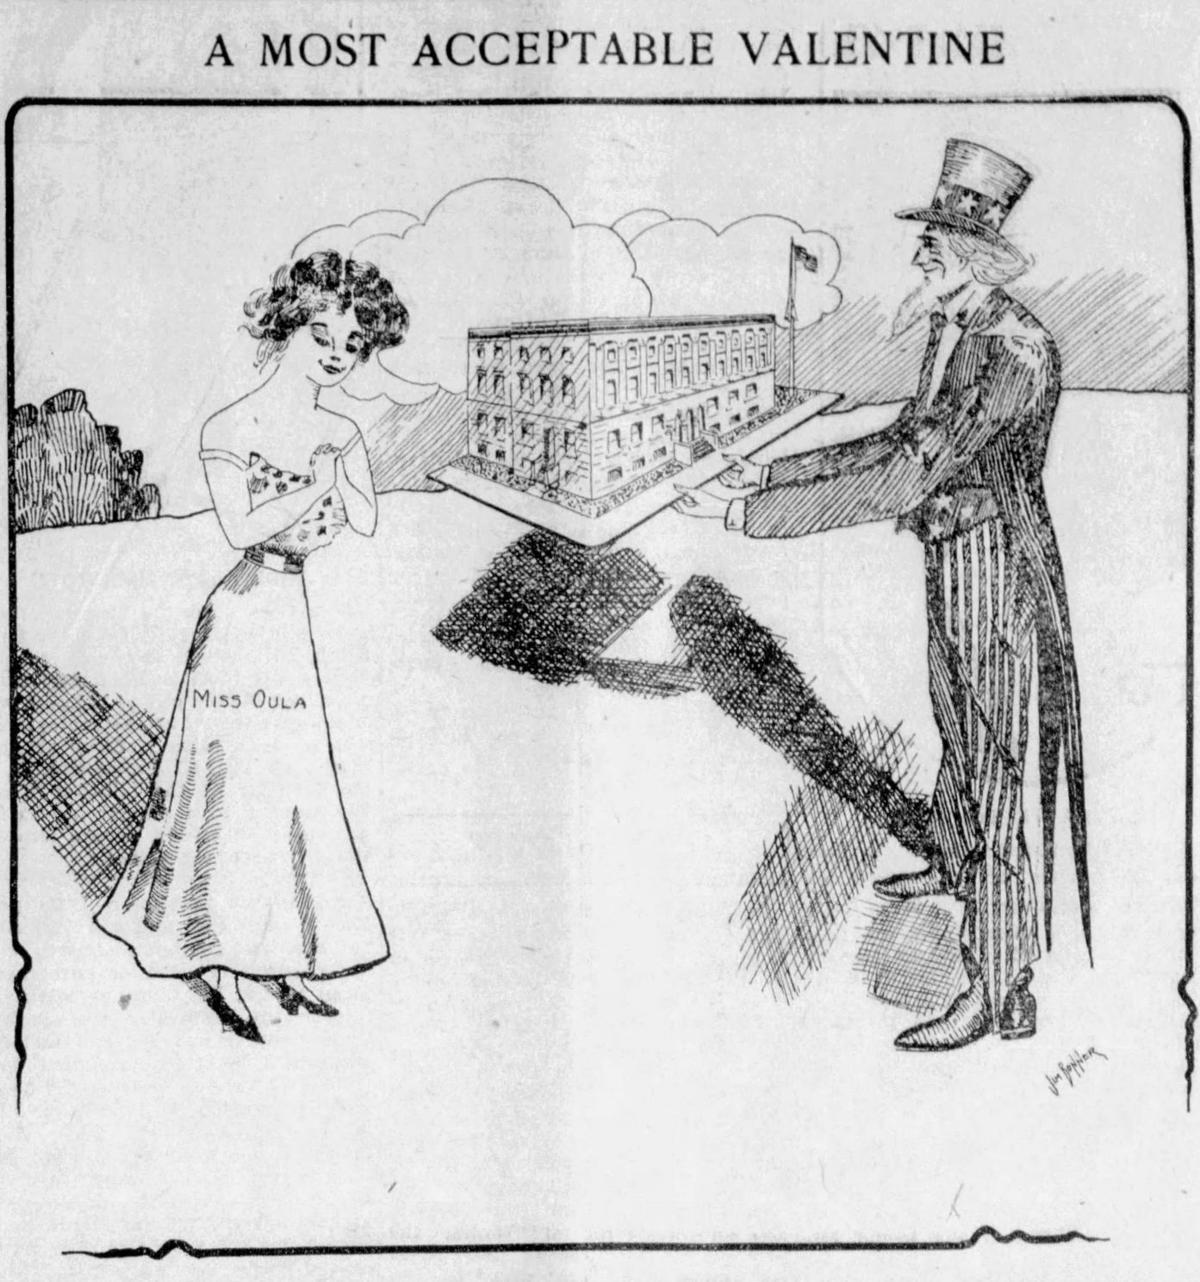 Federal Building cartoon Feb. 16, 1913